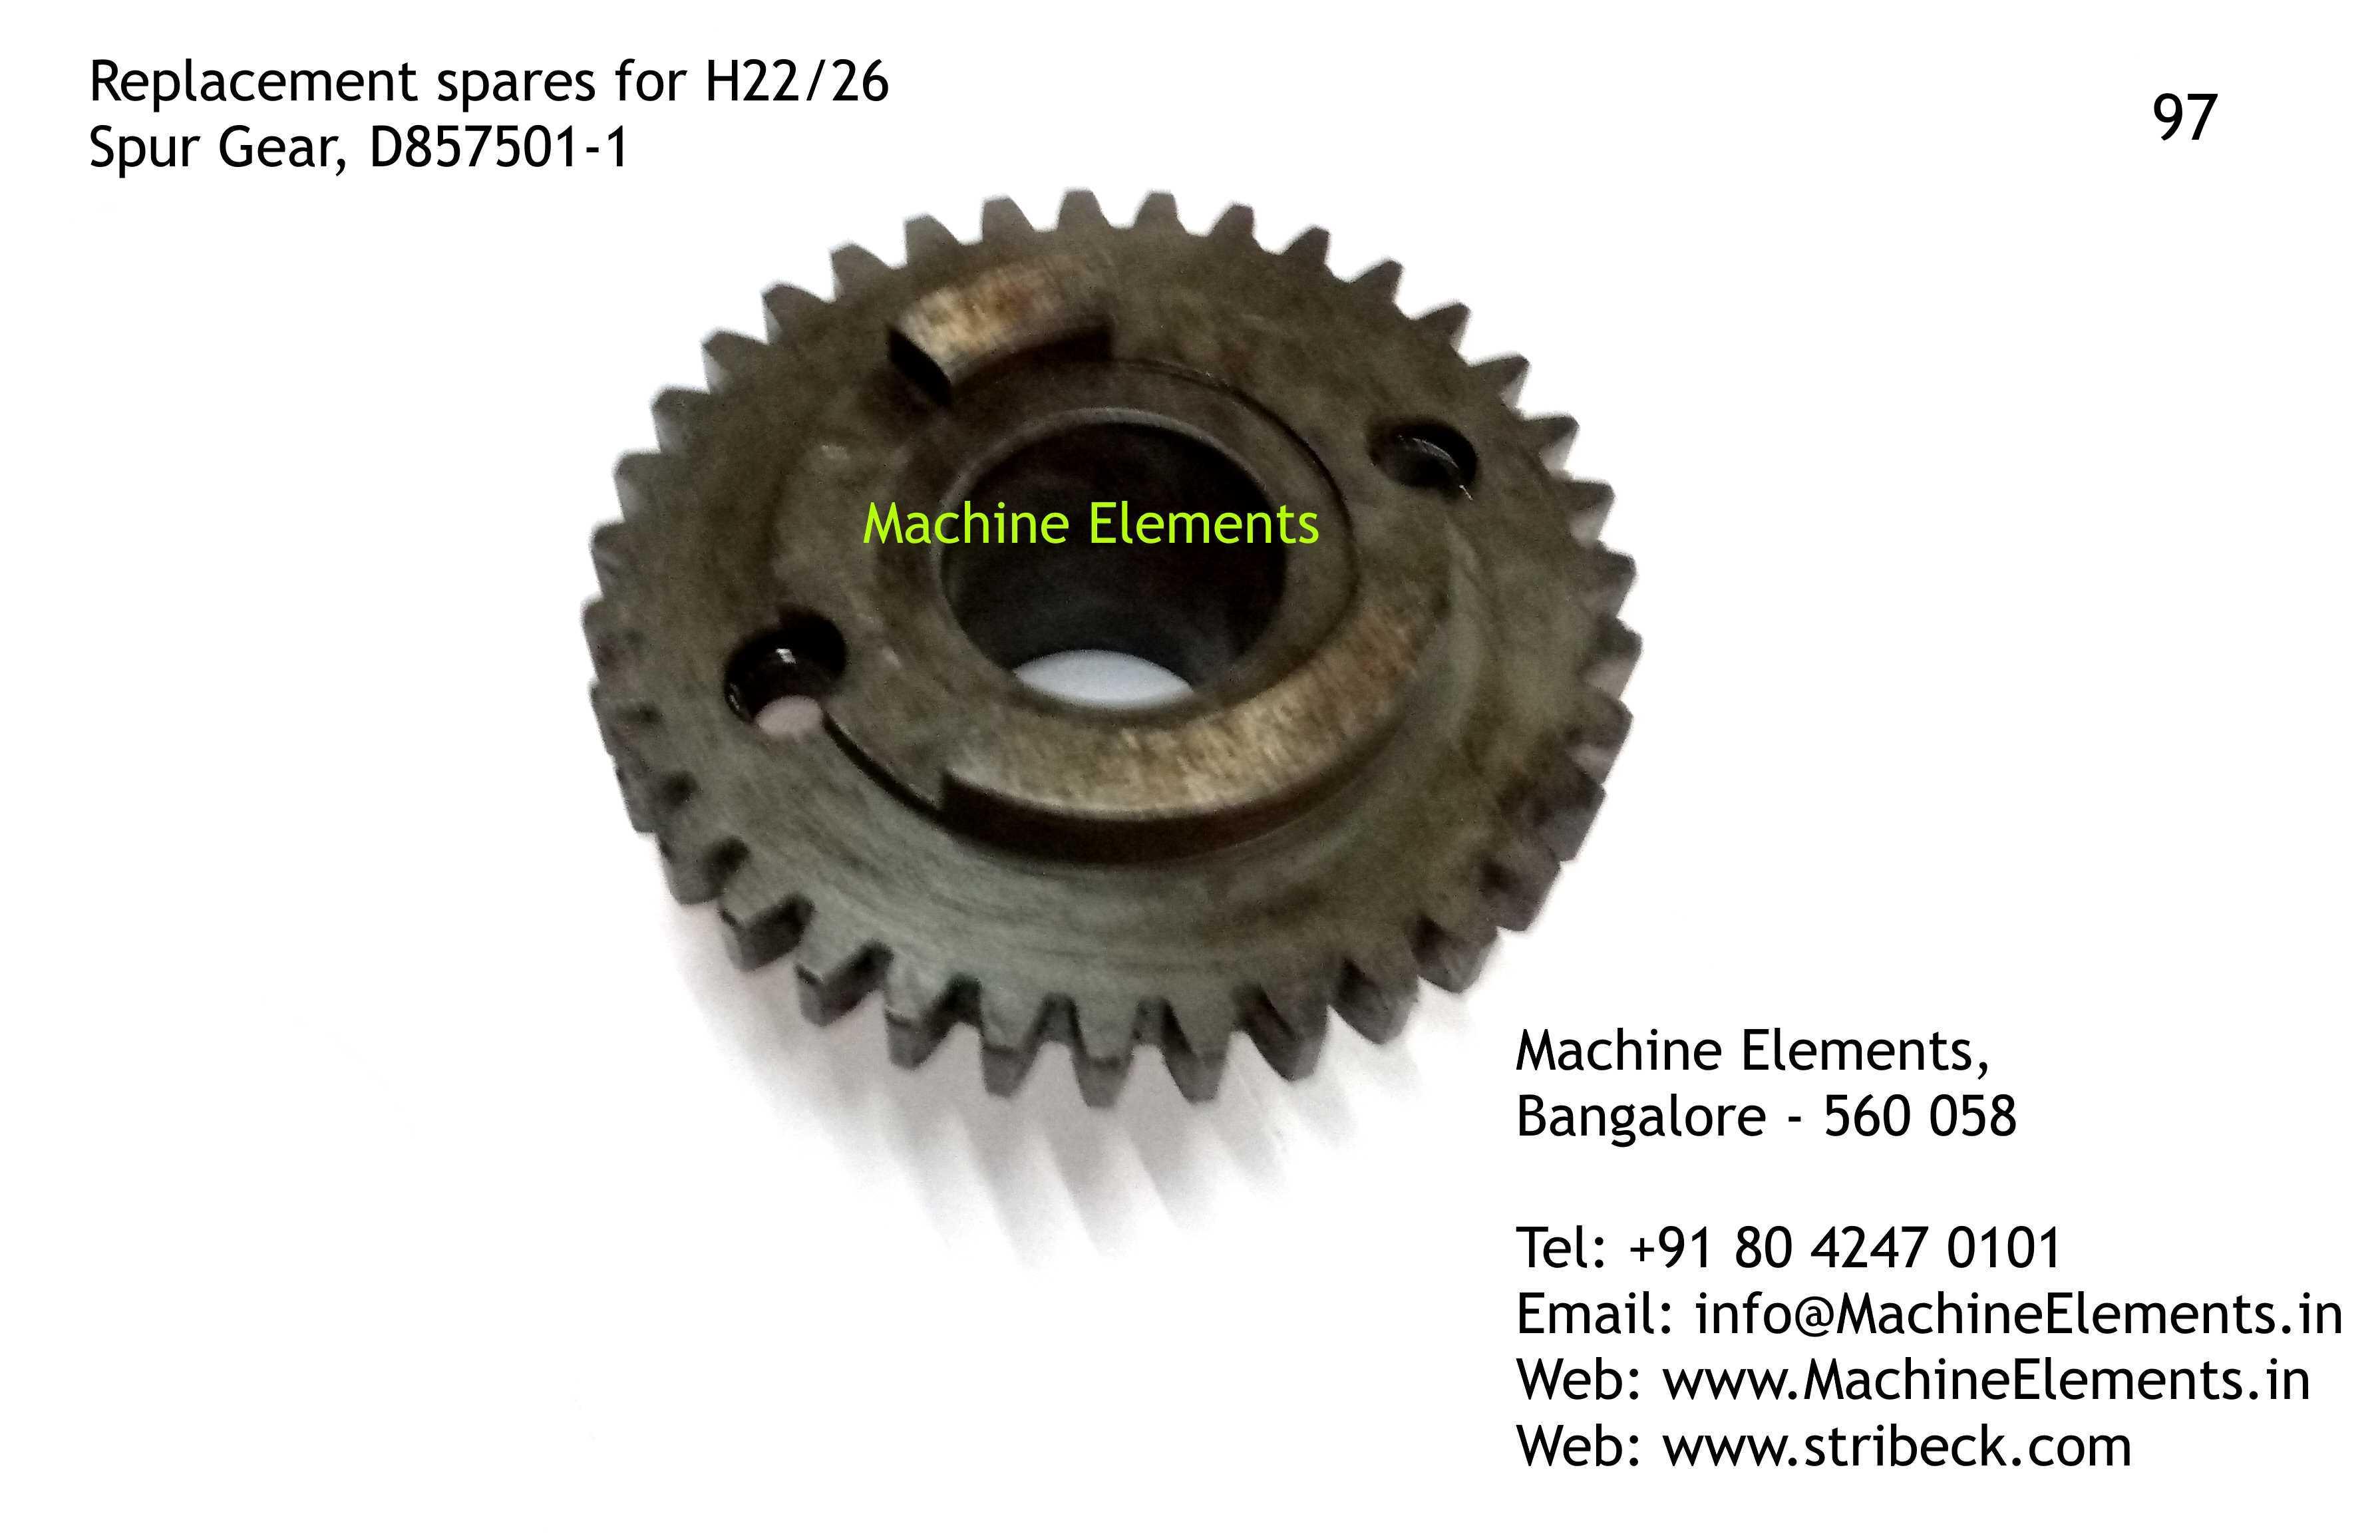 Spur Gear D857501-1